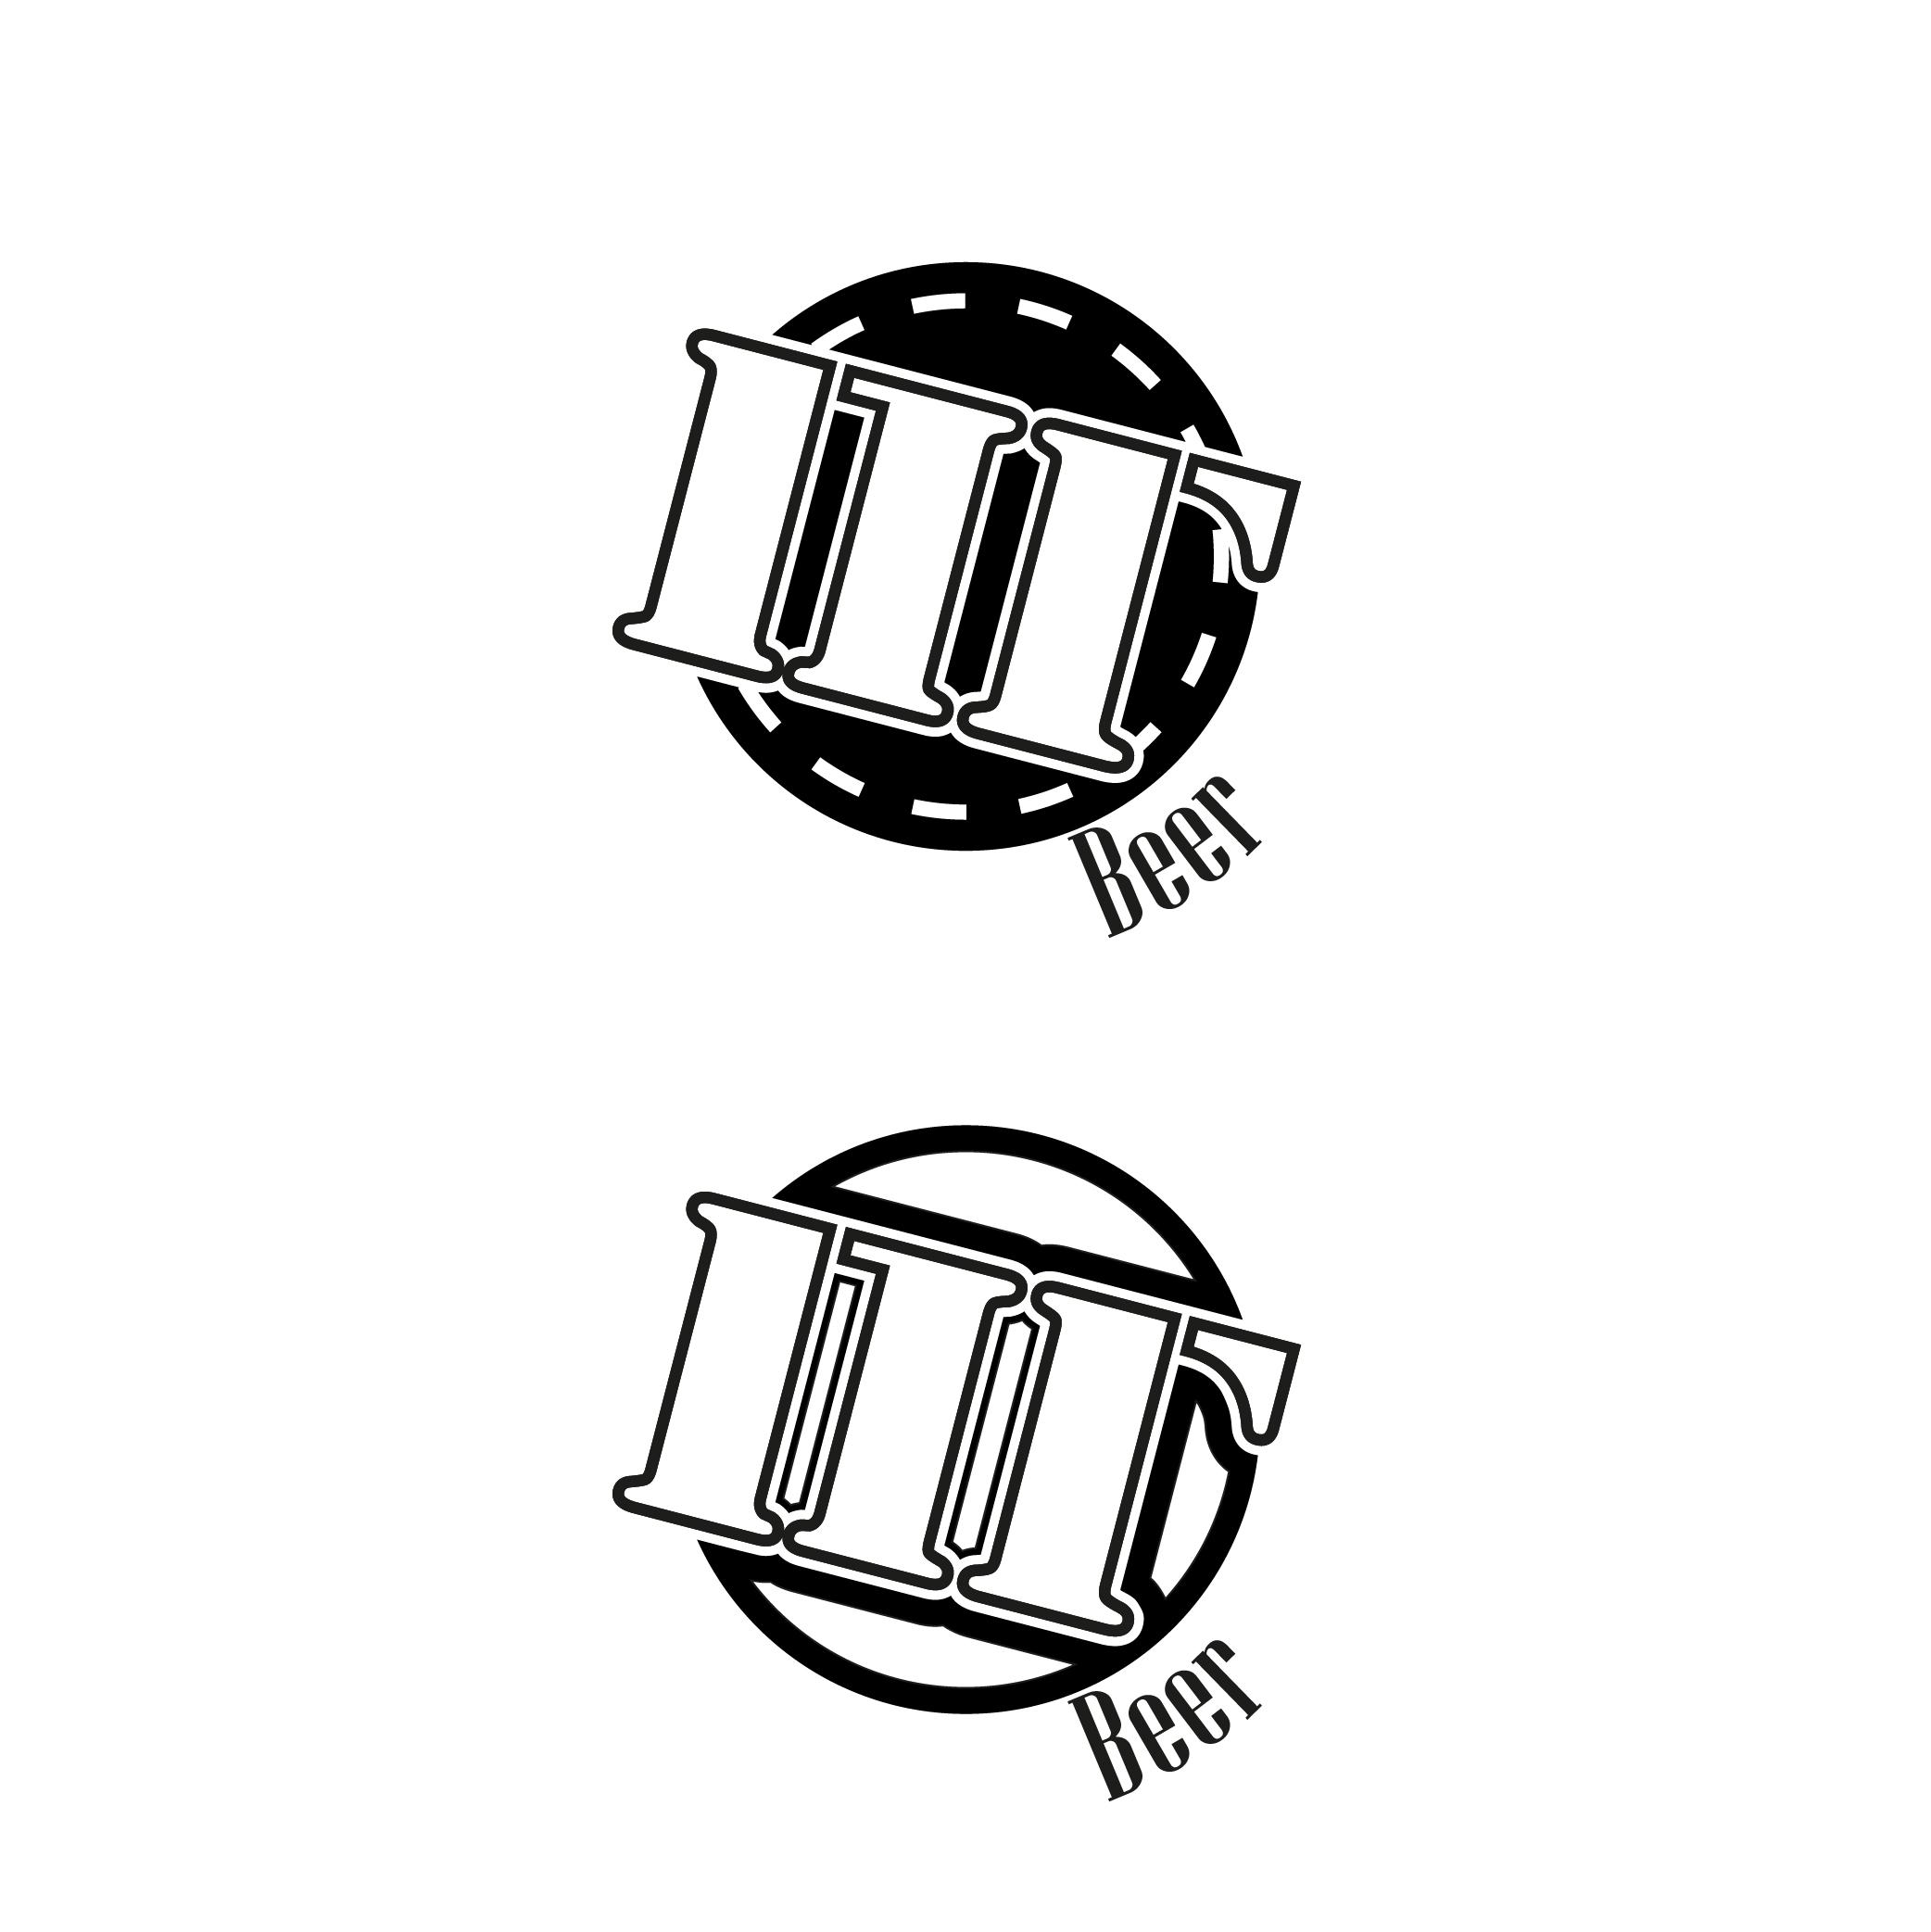 Логотип для Крафтовой Пивоварни фото f_1585caed71bd3d1f.jpg